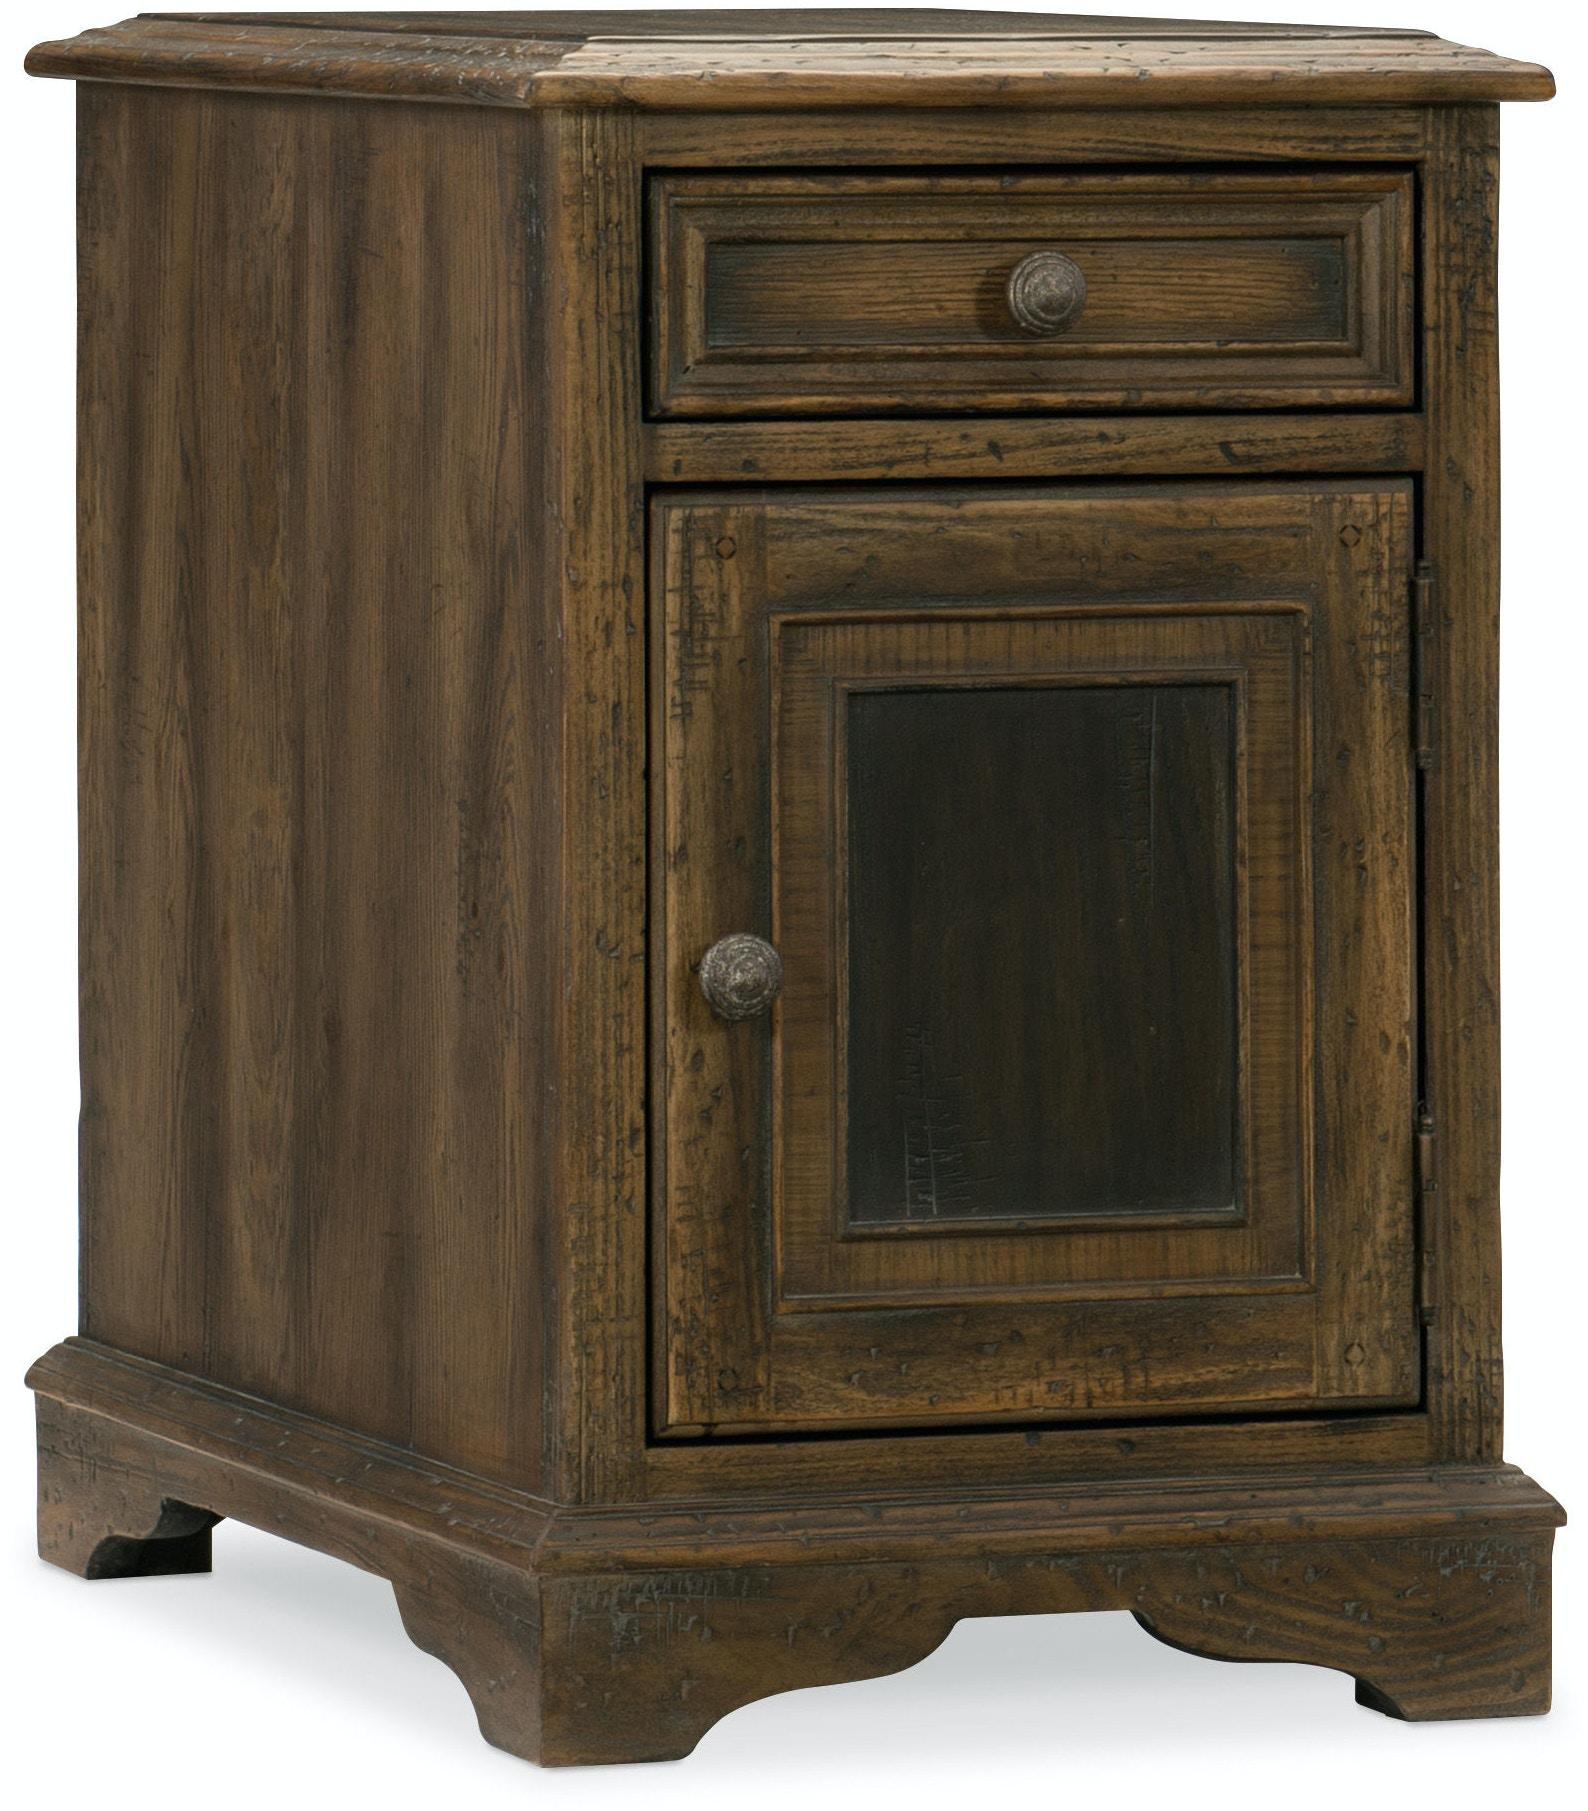 hooker furniture living room dewees chairside table 5960 50008 multi